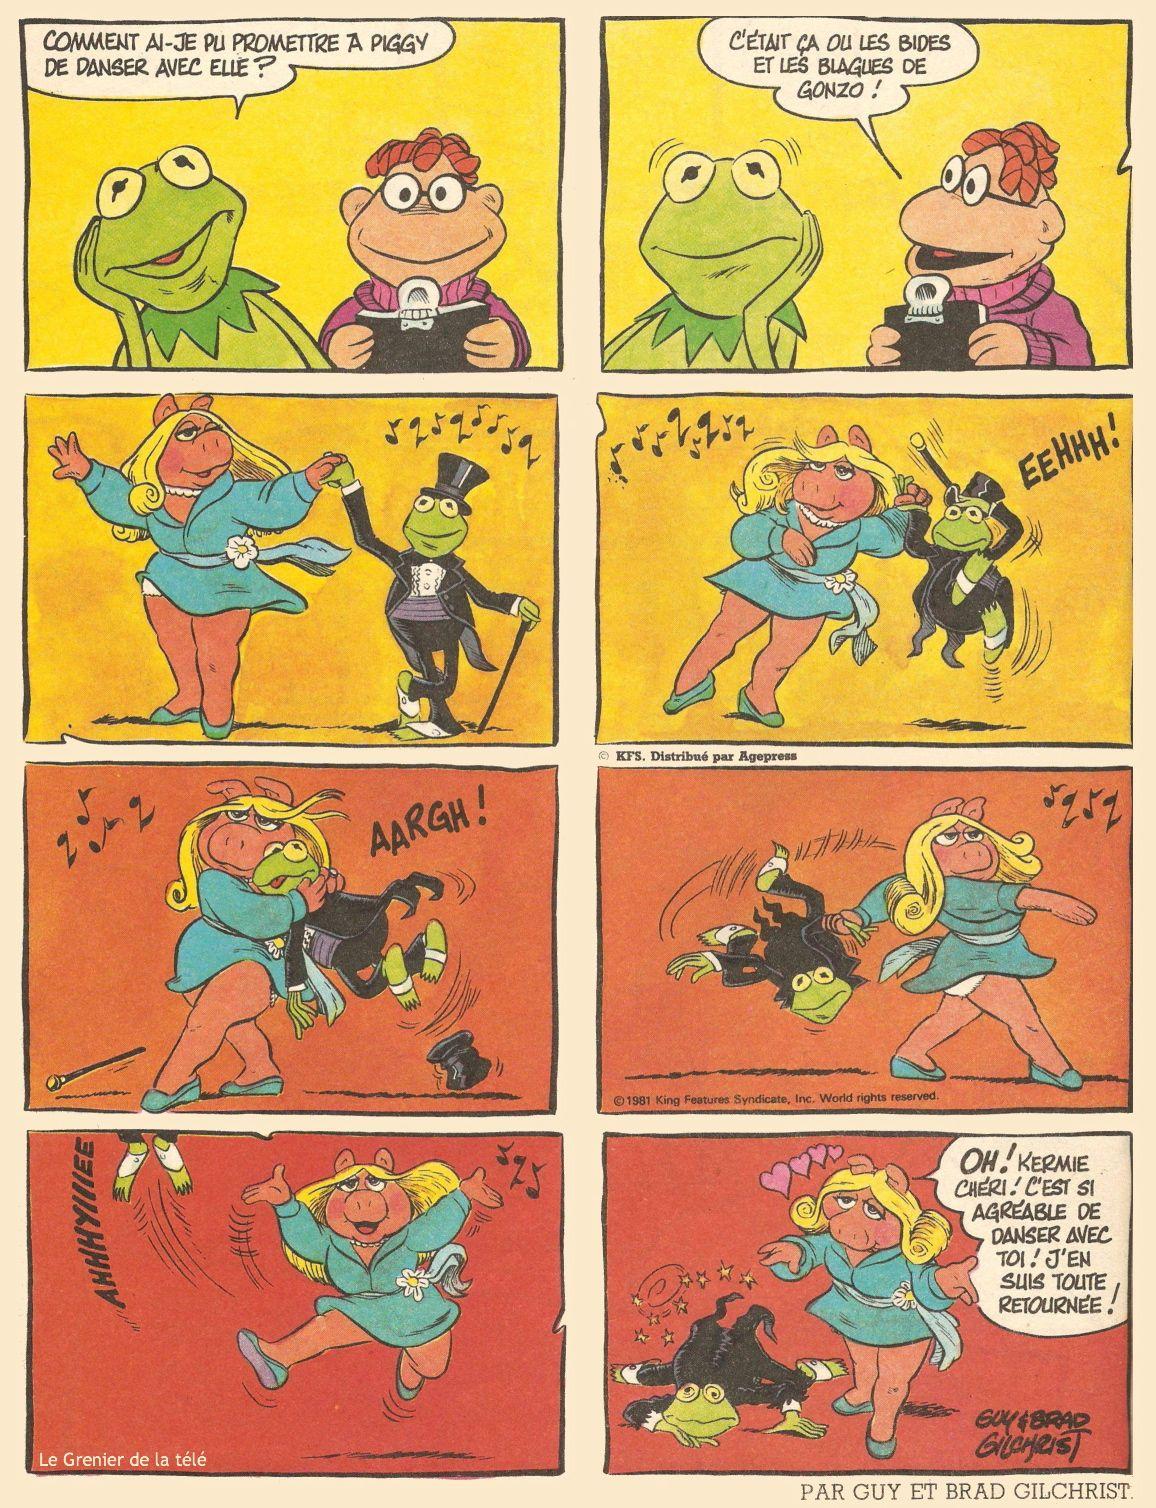 http://grenierdelatv.free.fr/2/muppetscomic1981.jpg